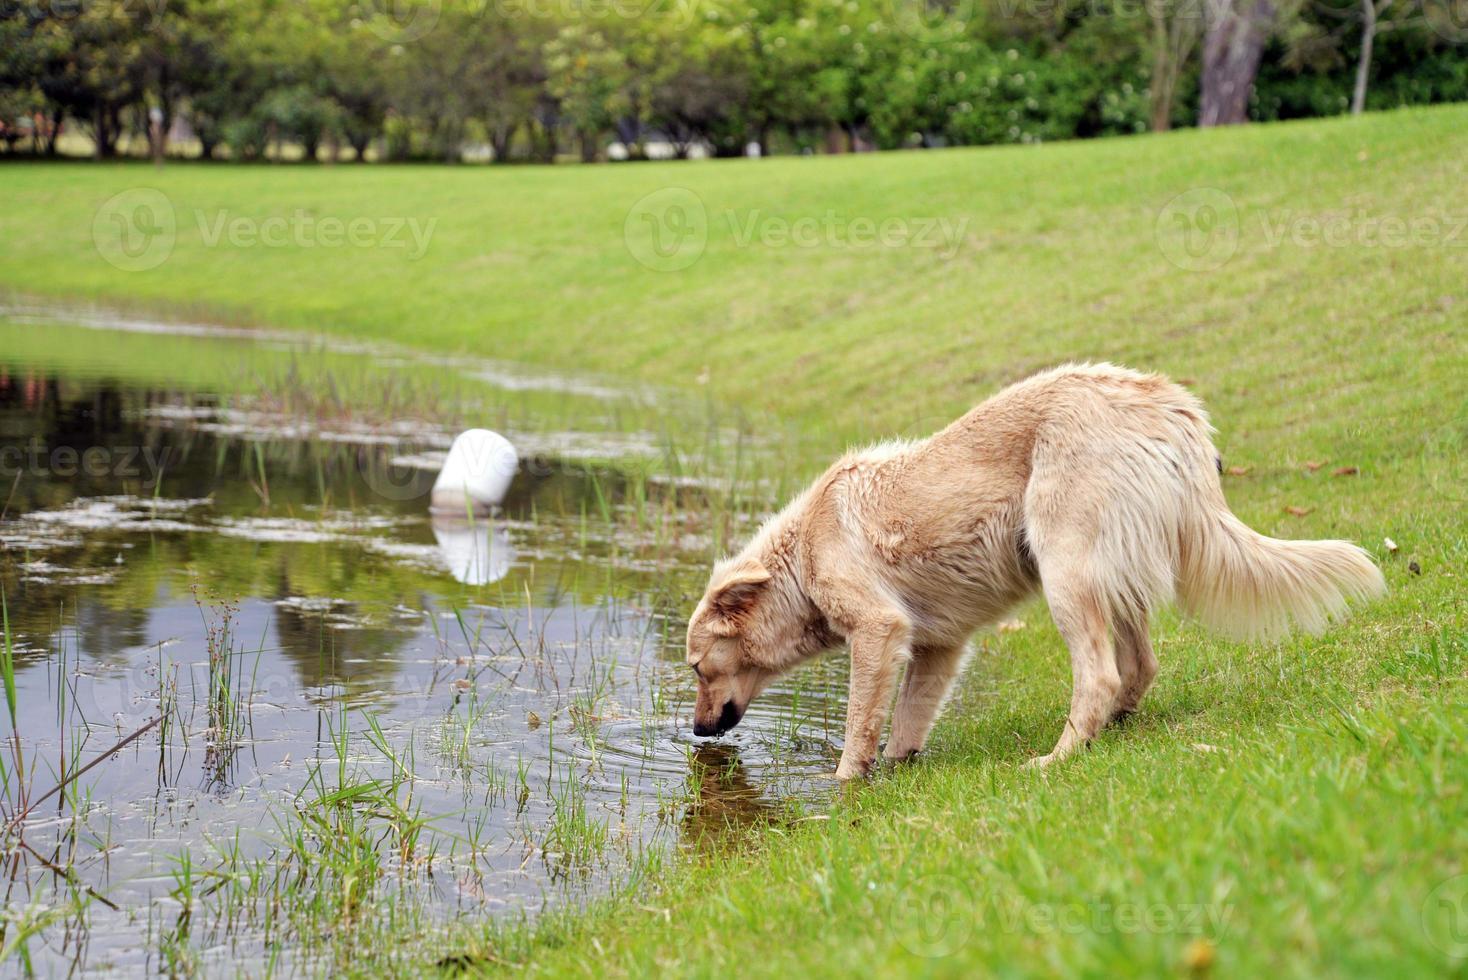 hund dricksvatten foto